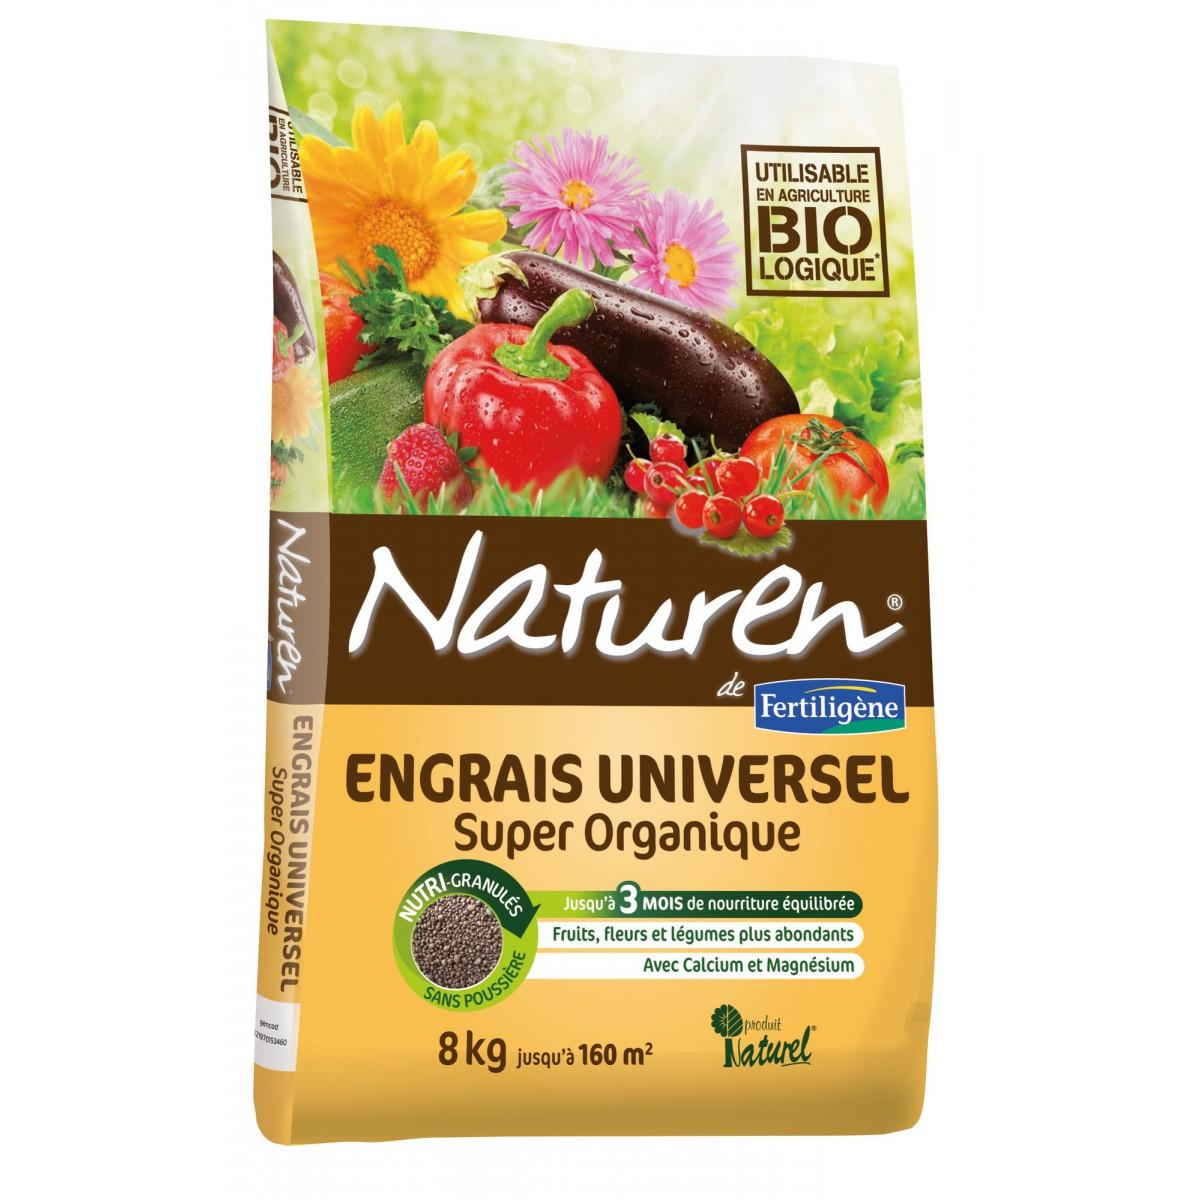 Engrais complet super organique Naturen - Sac 8 kg